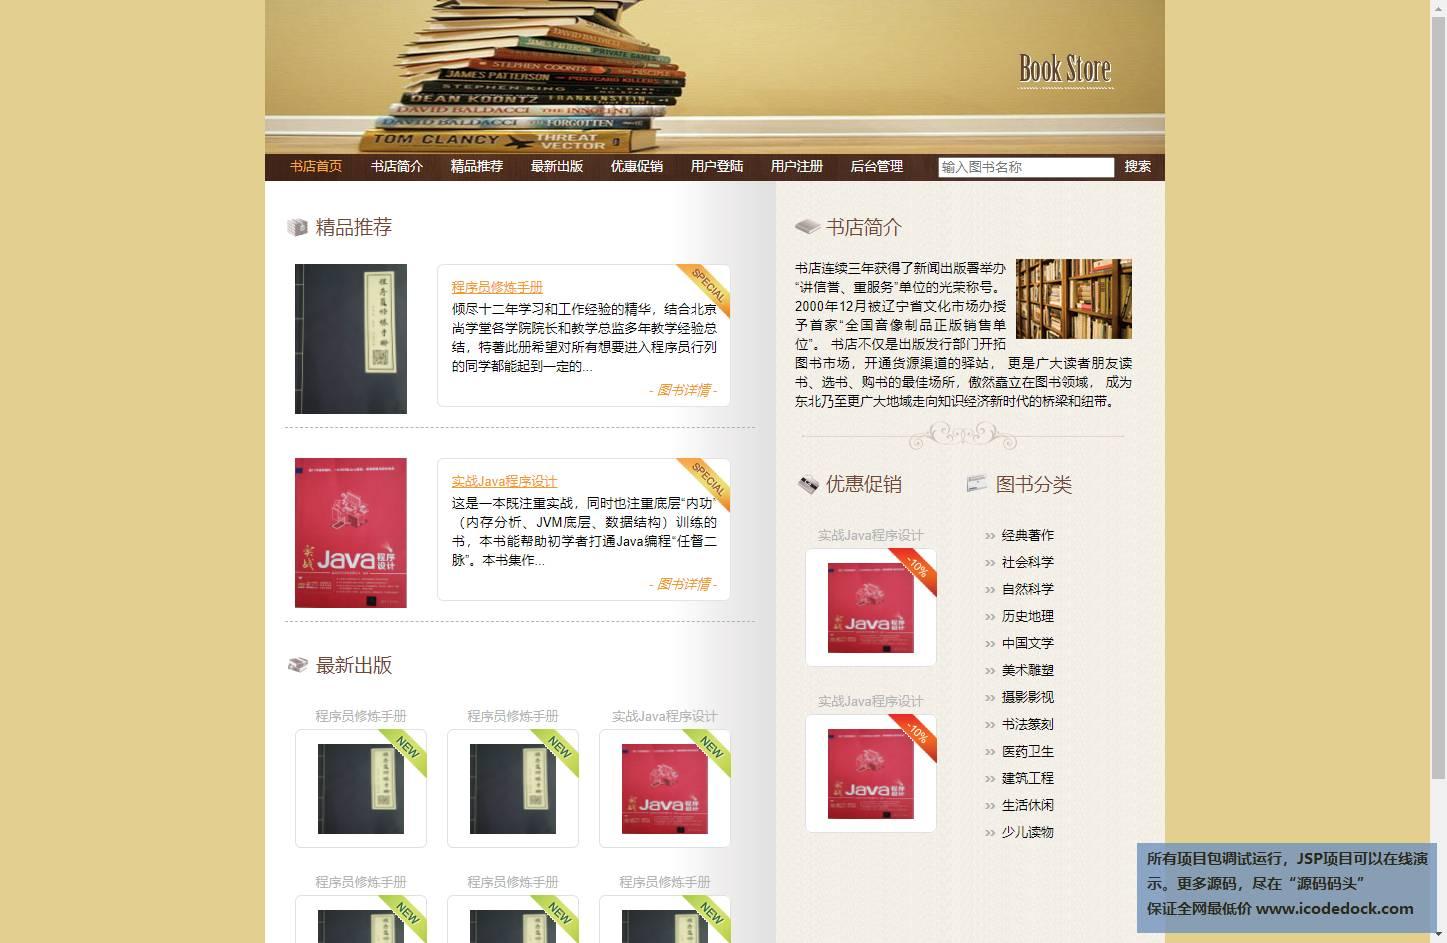 源码码头-SSH实现一个图书销售商场项目网站-用户角色-查看书店首页